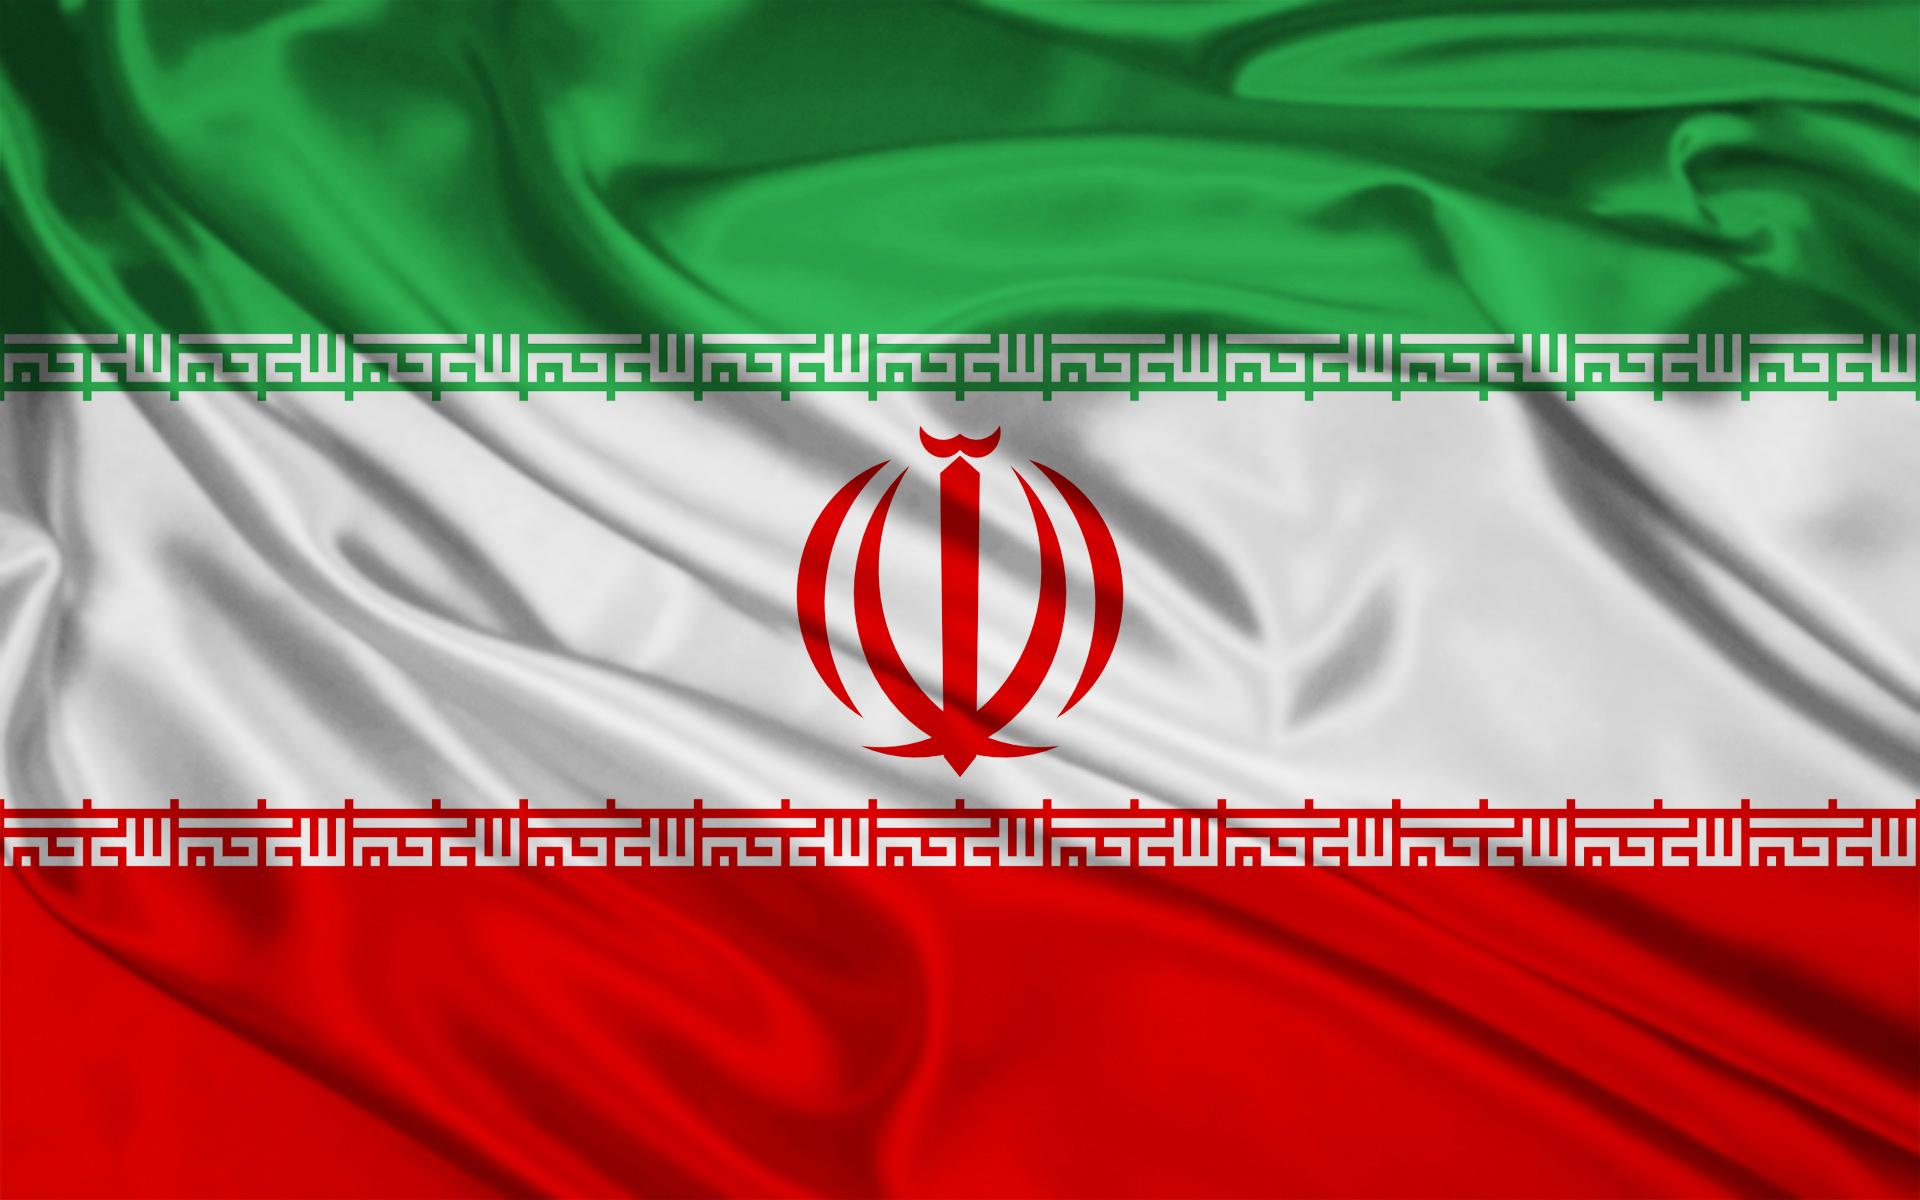 إيران تجتمع مع شركائها لبحث مستقبل الاتفاق النووي بعد الانحساب الأمريكي